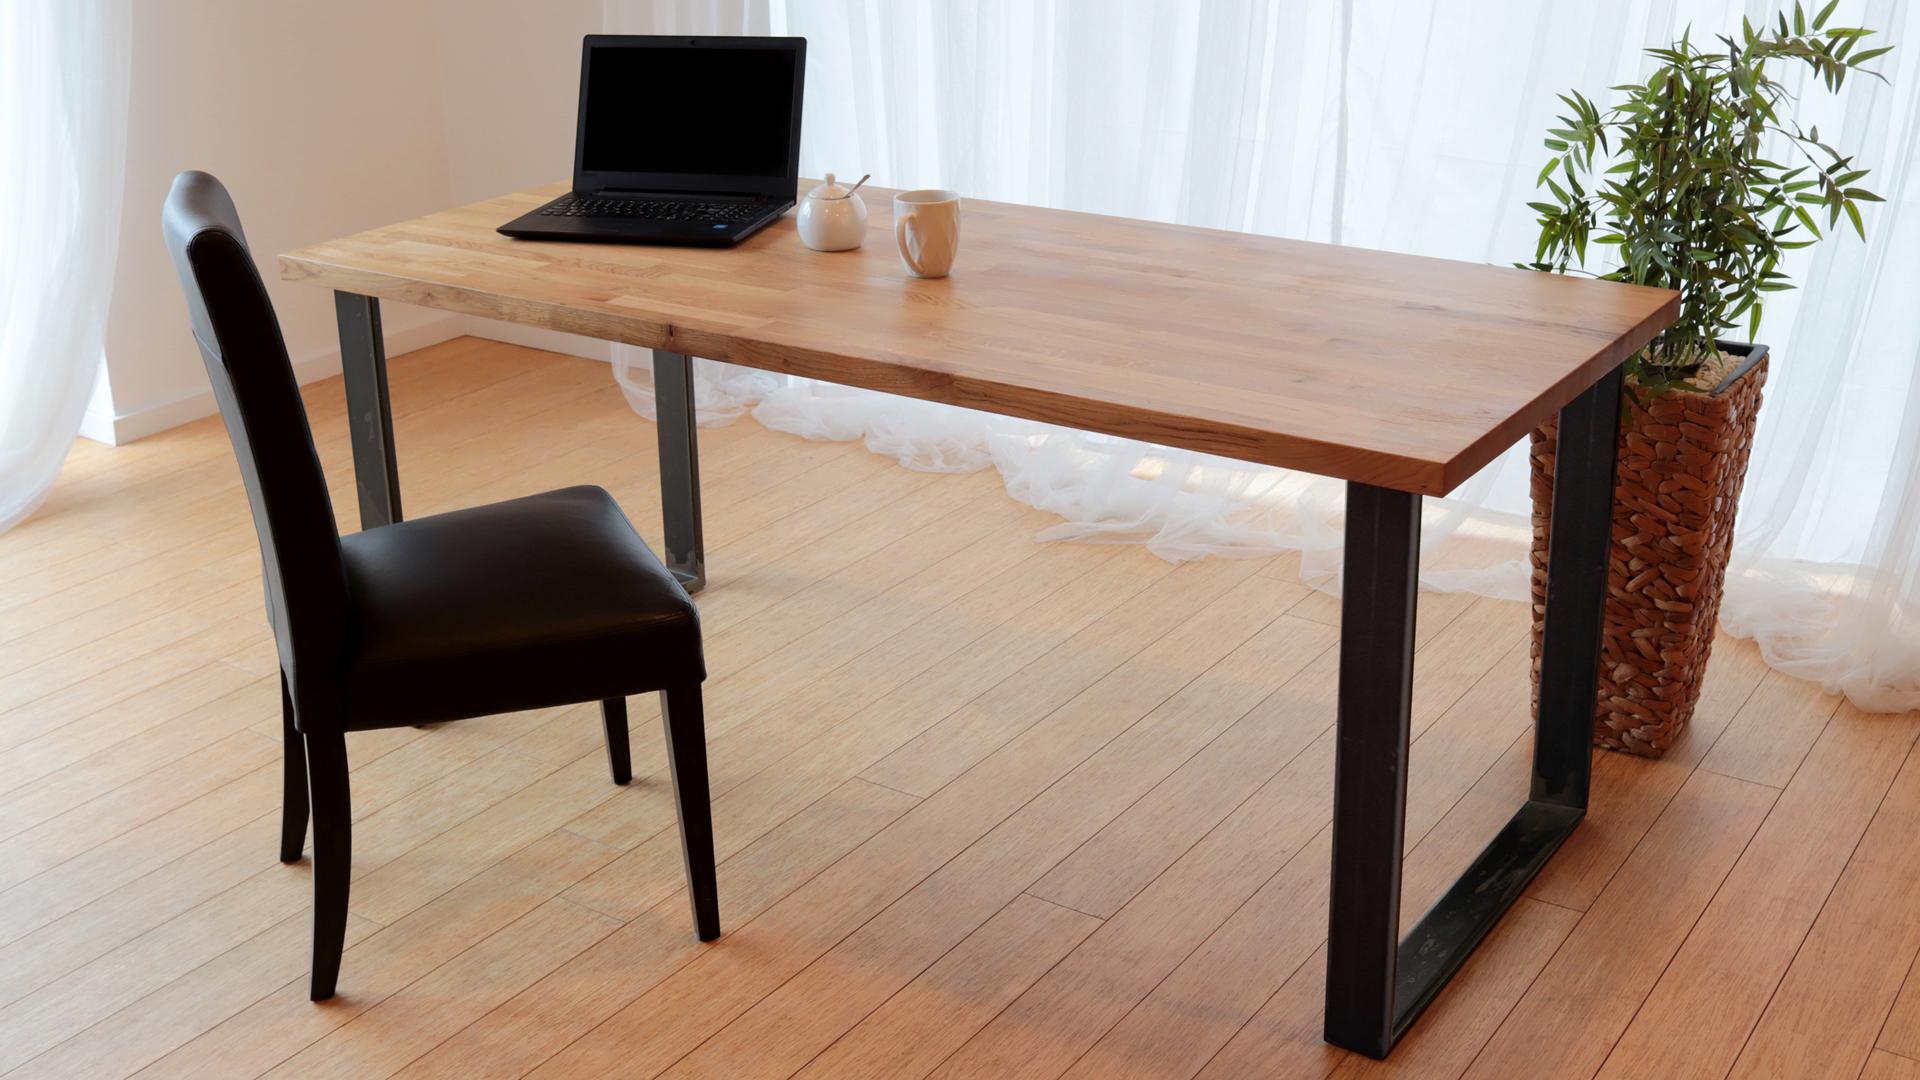 Stół z nogami w kolorze naturalnej stali